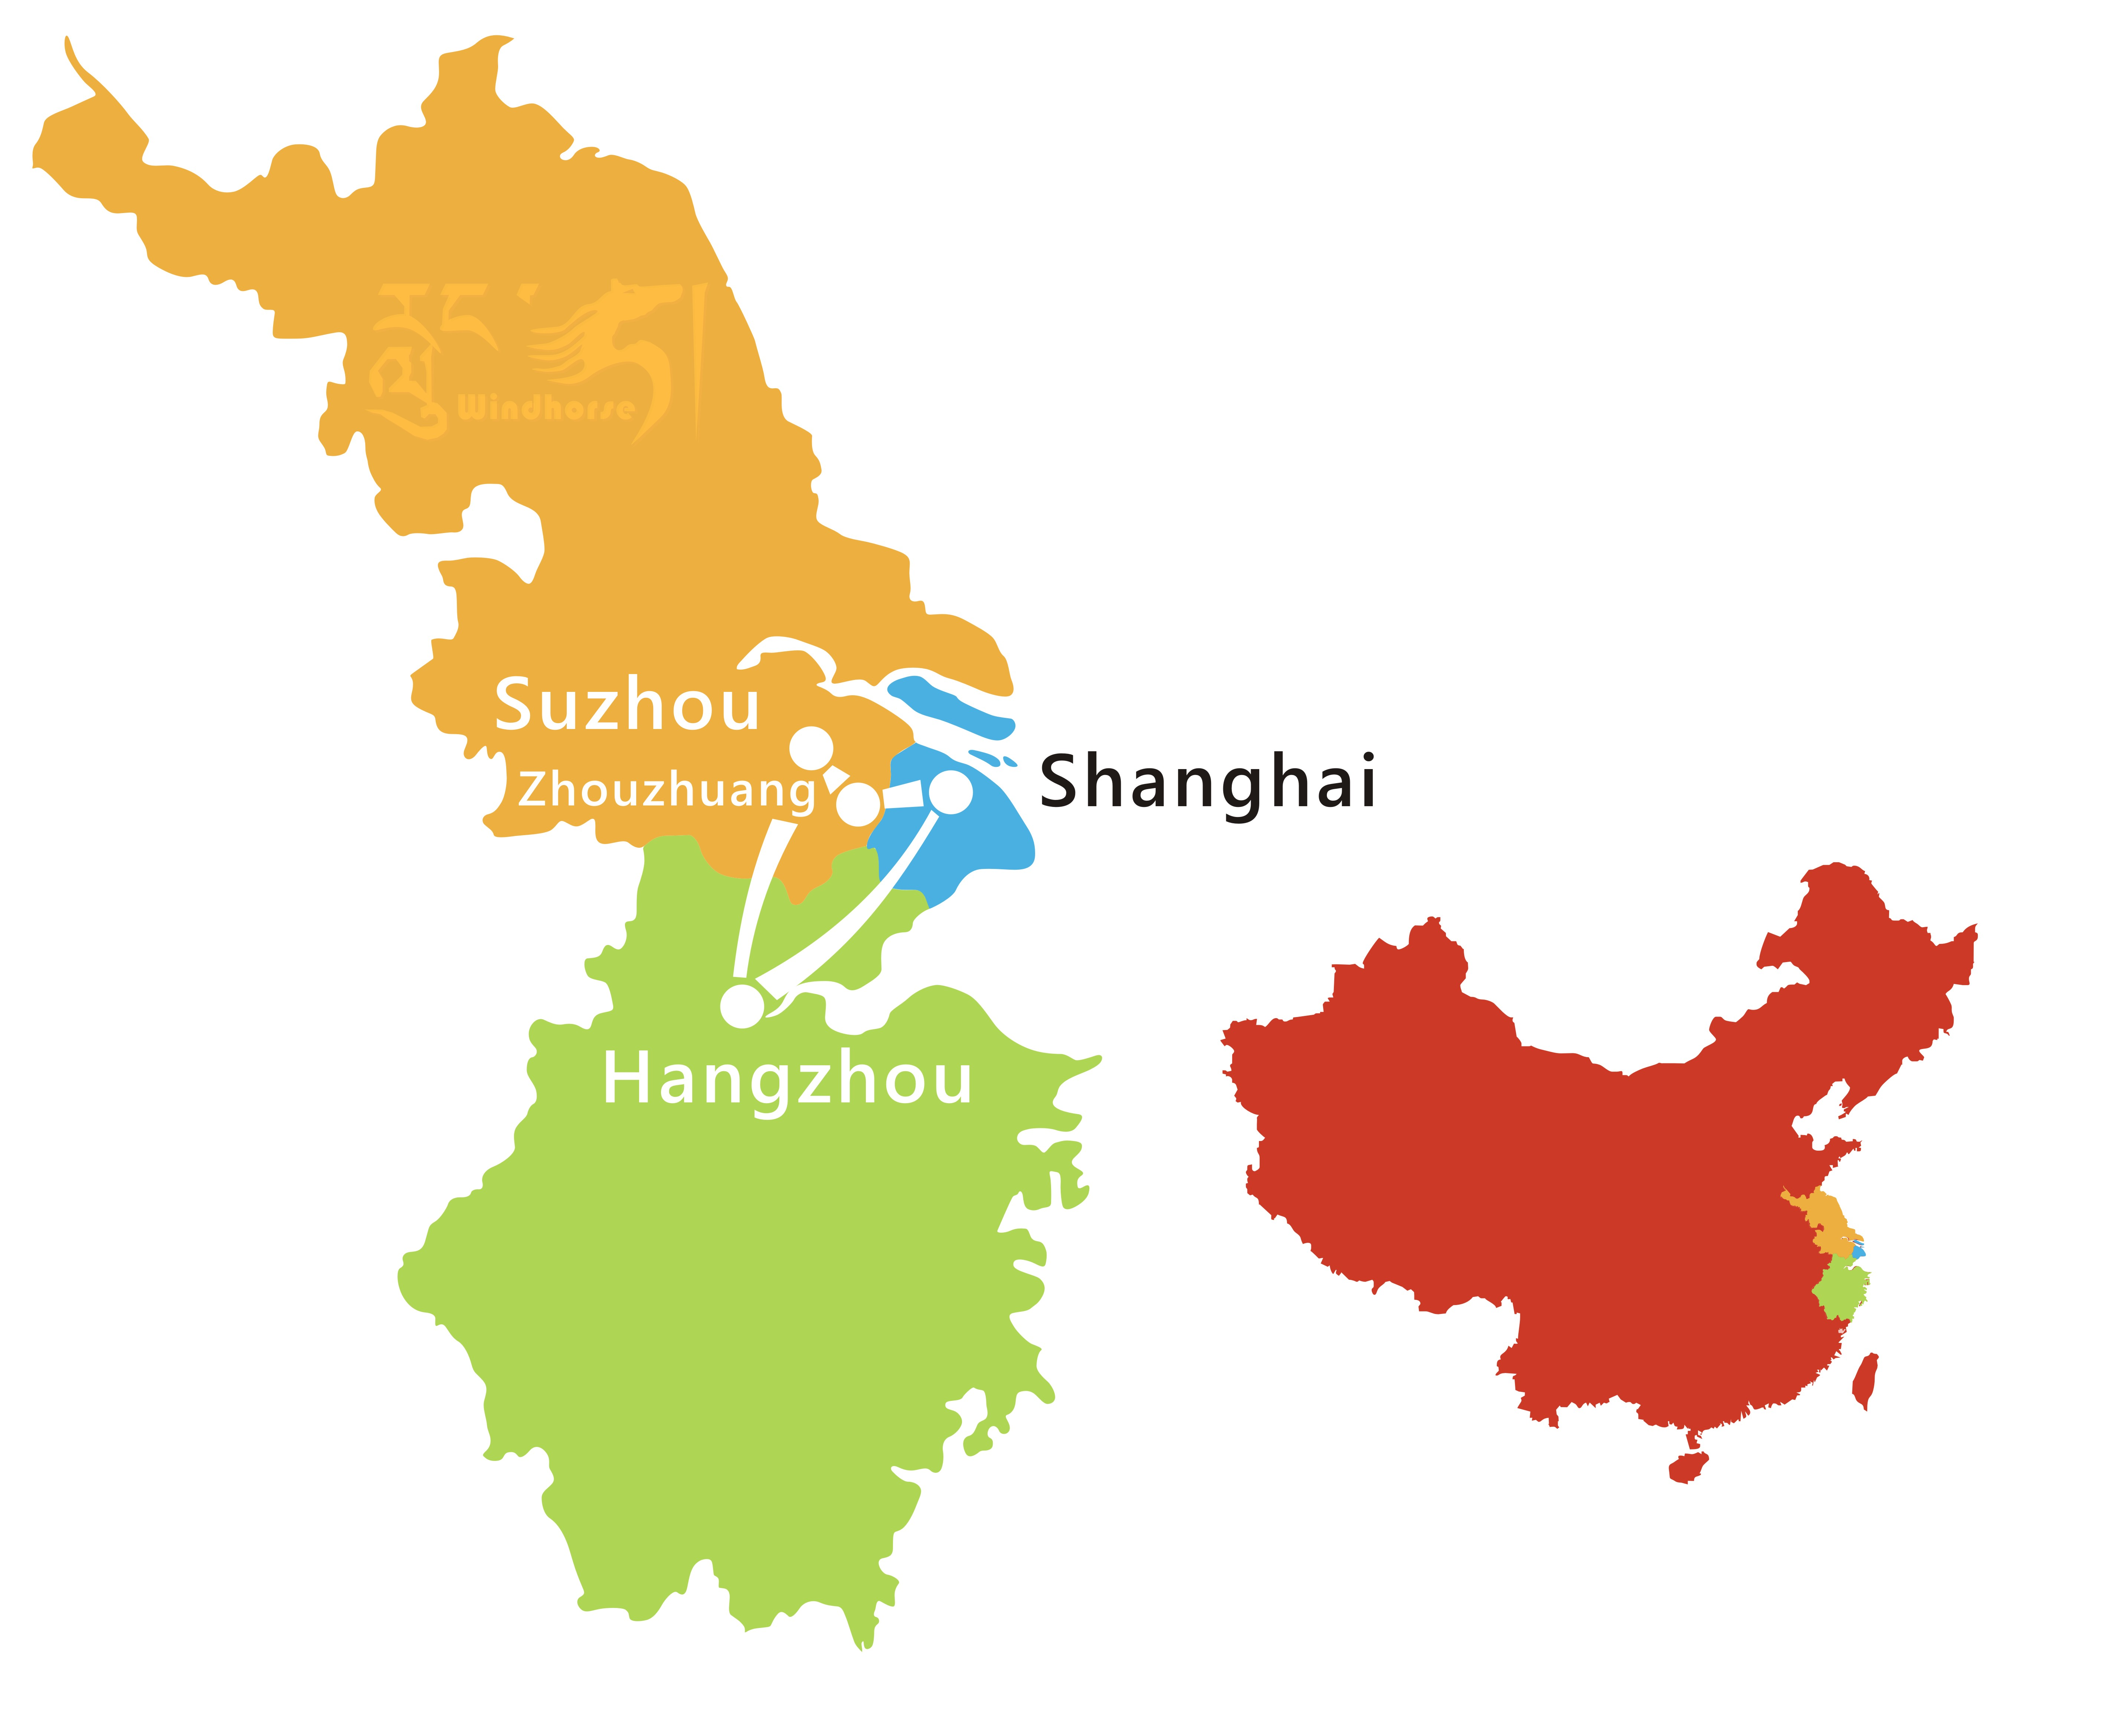 Shanghai Hangzhou Suzhou Tour Route